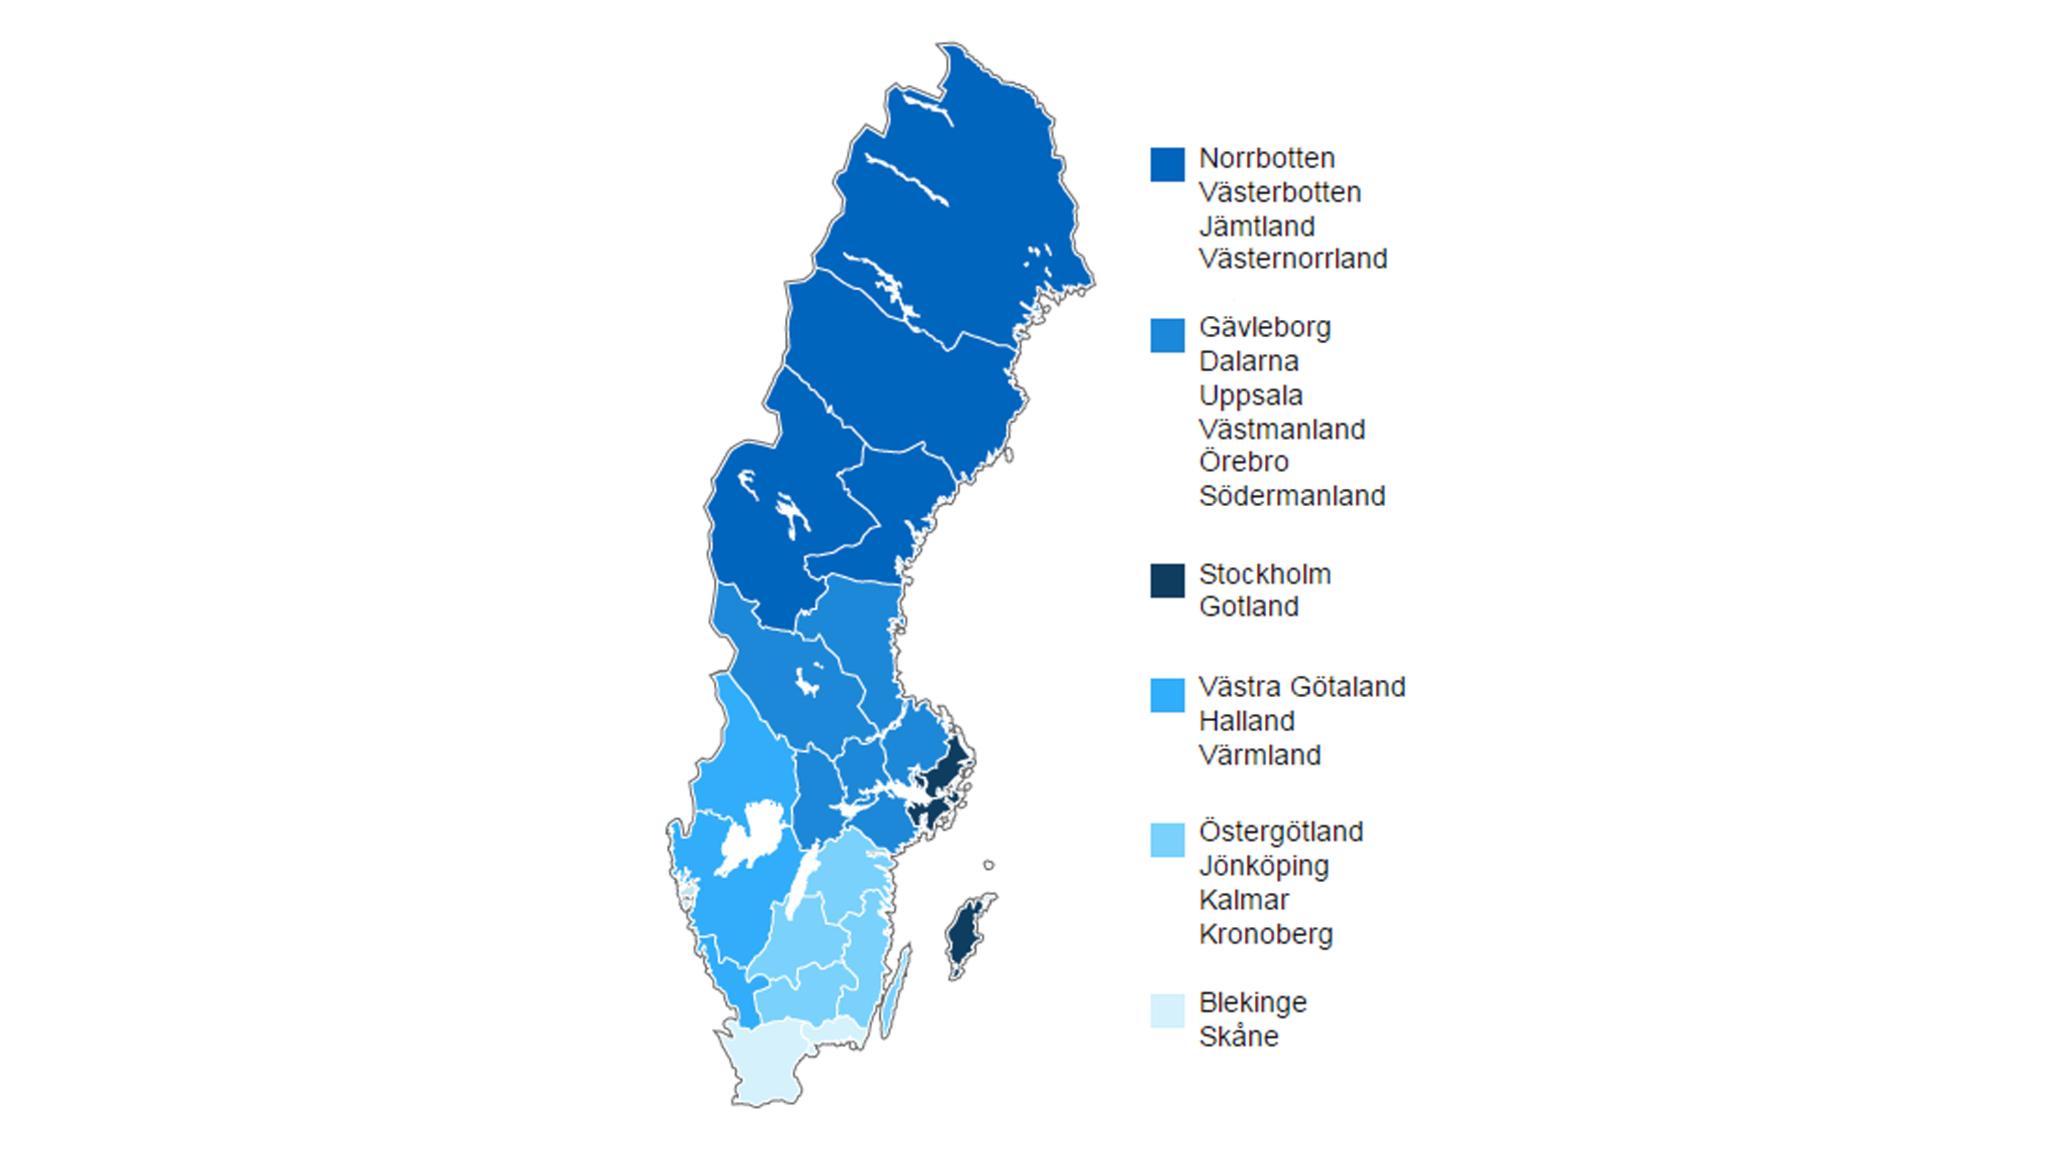 Karta Den Stora Algvandringen.Blandade Reaktioner Och En Del Forvaning Over Nya Regionkartan P4